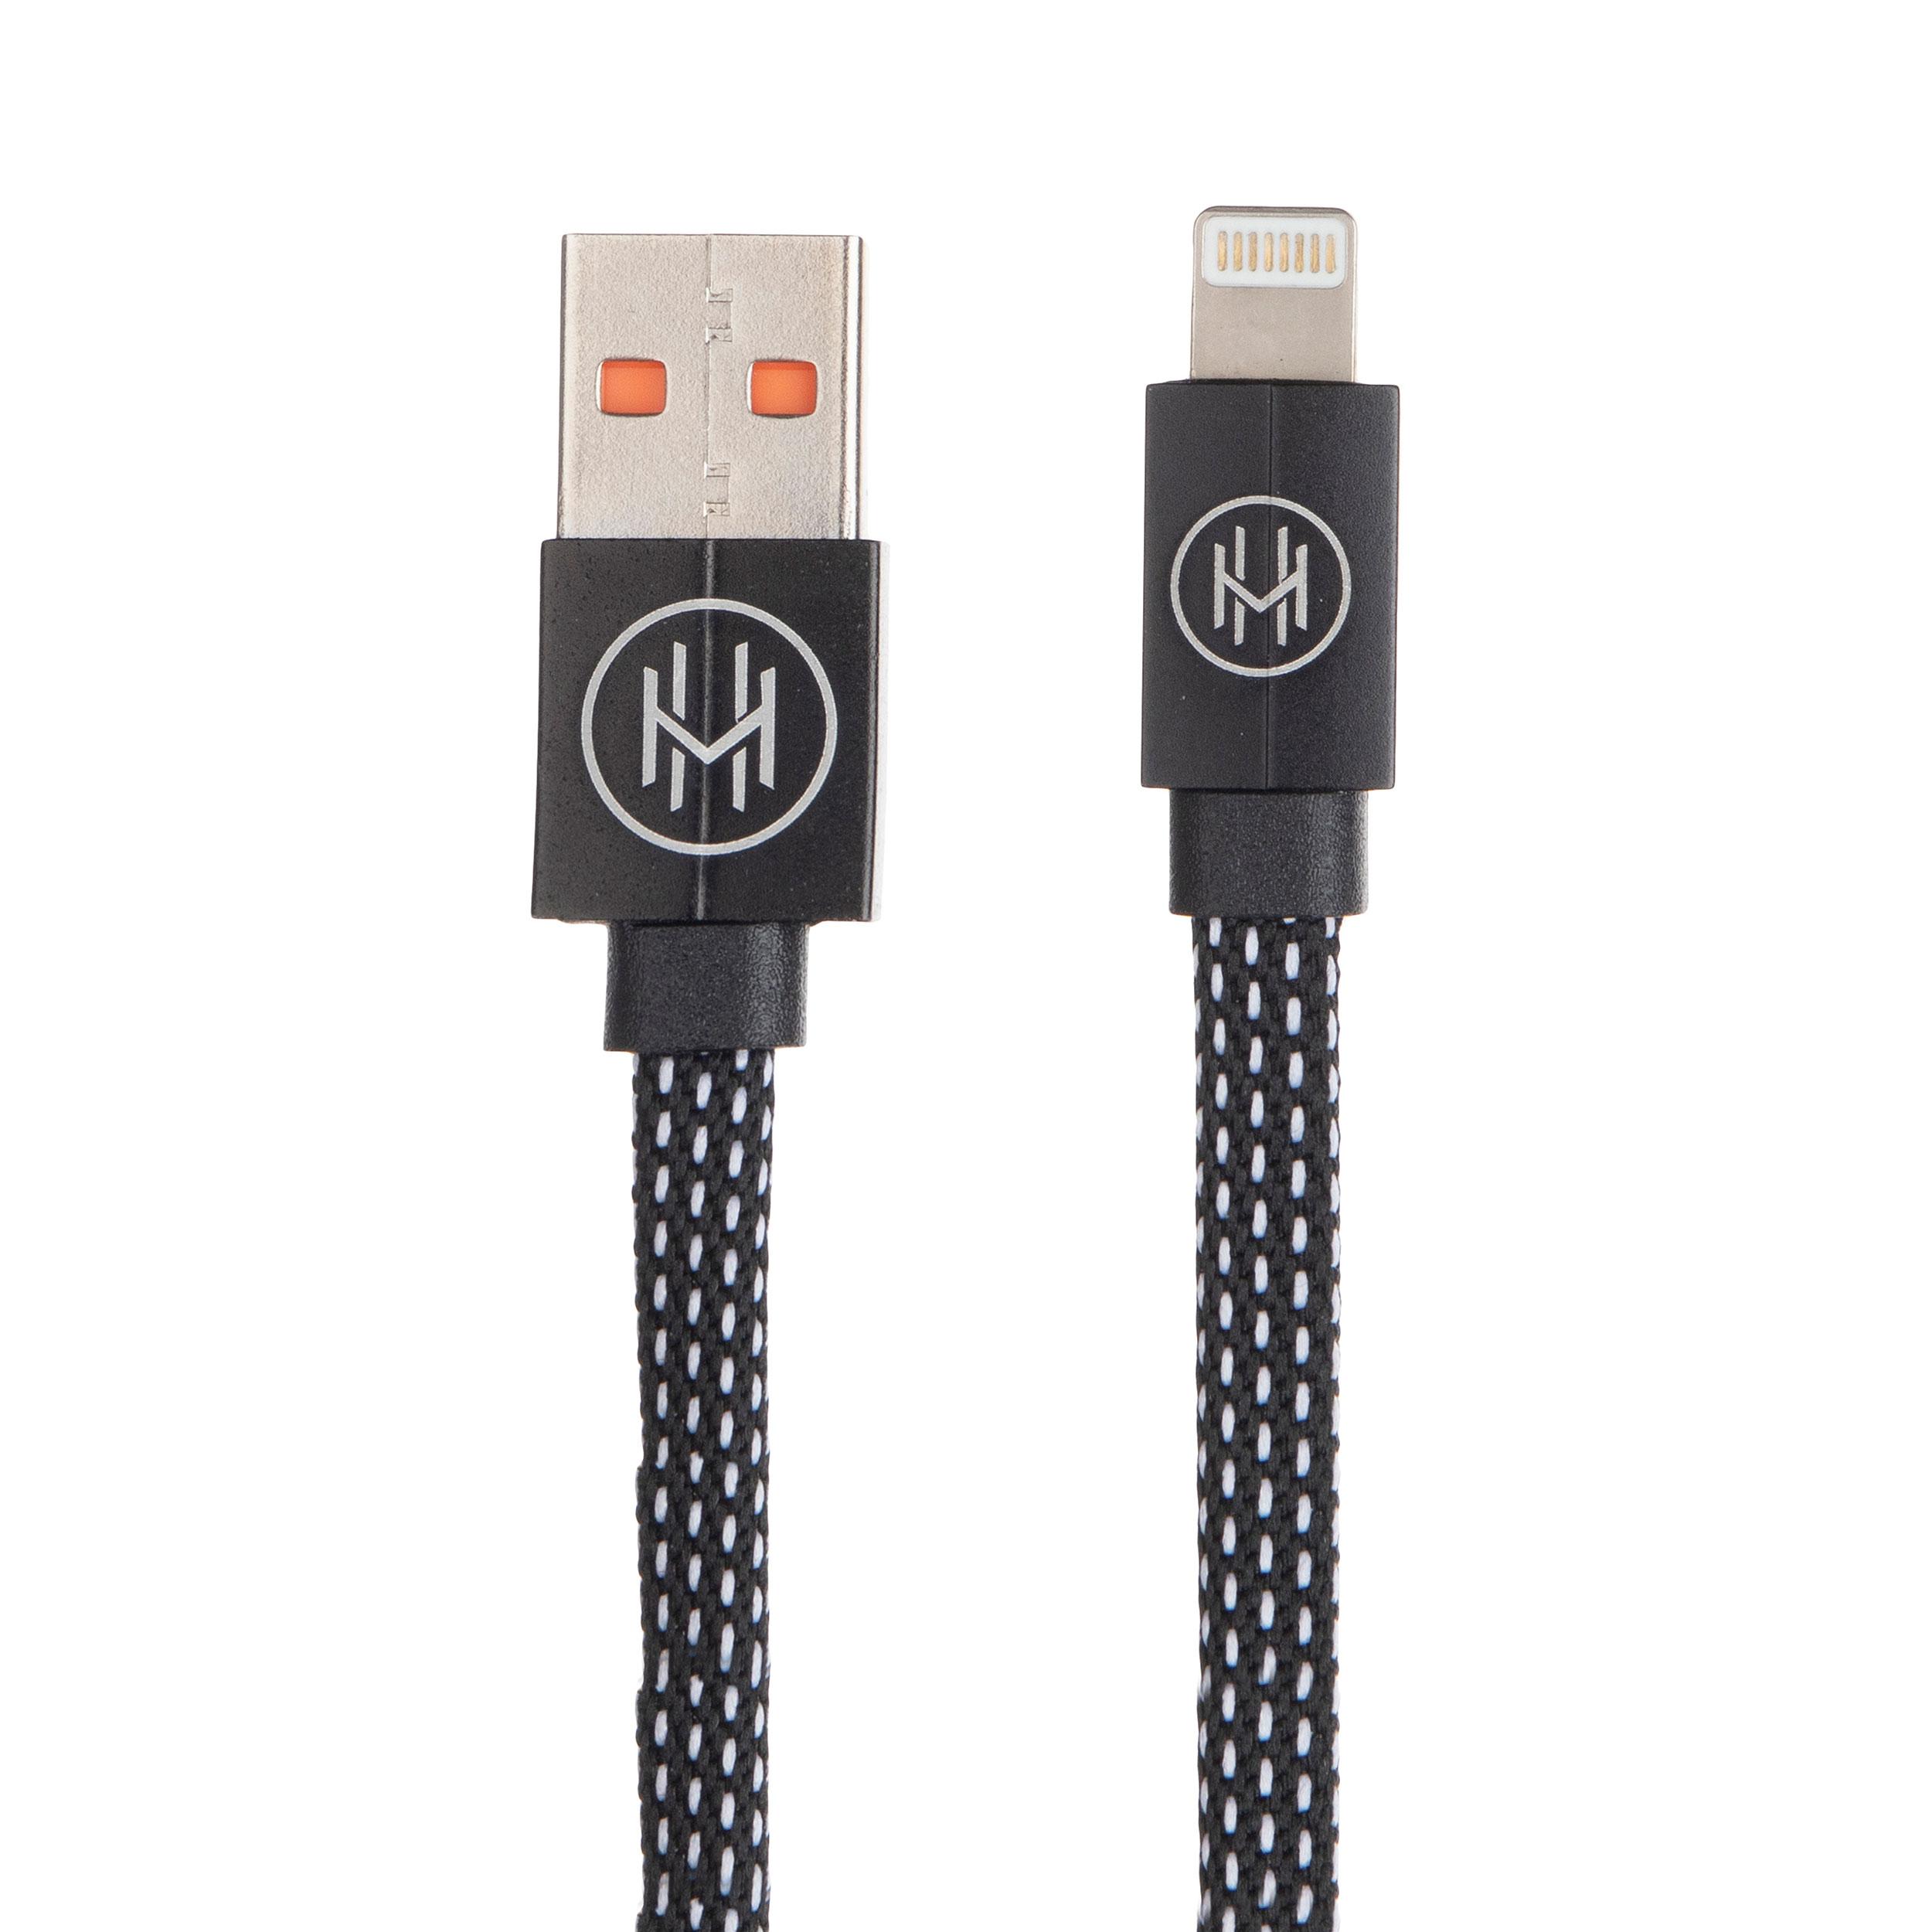 کابل تبدیل USB به لایتنینگ اچ اند ام مدل C05 طول 0.2 متر